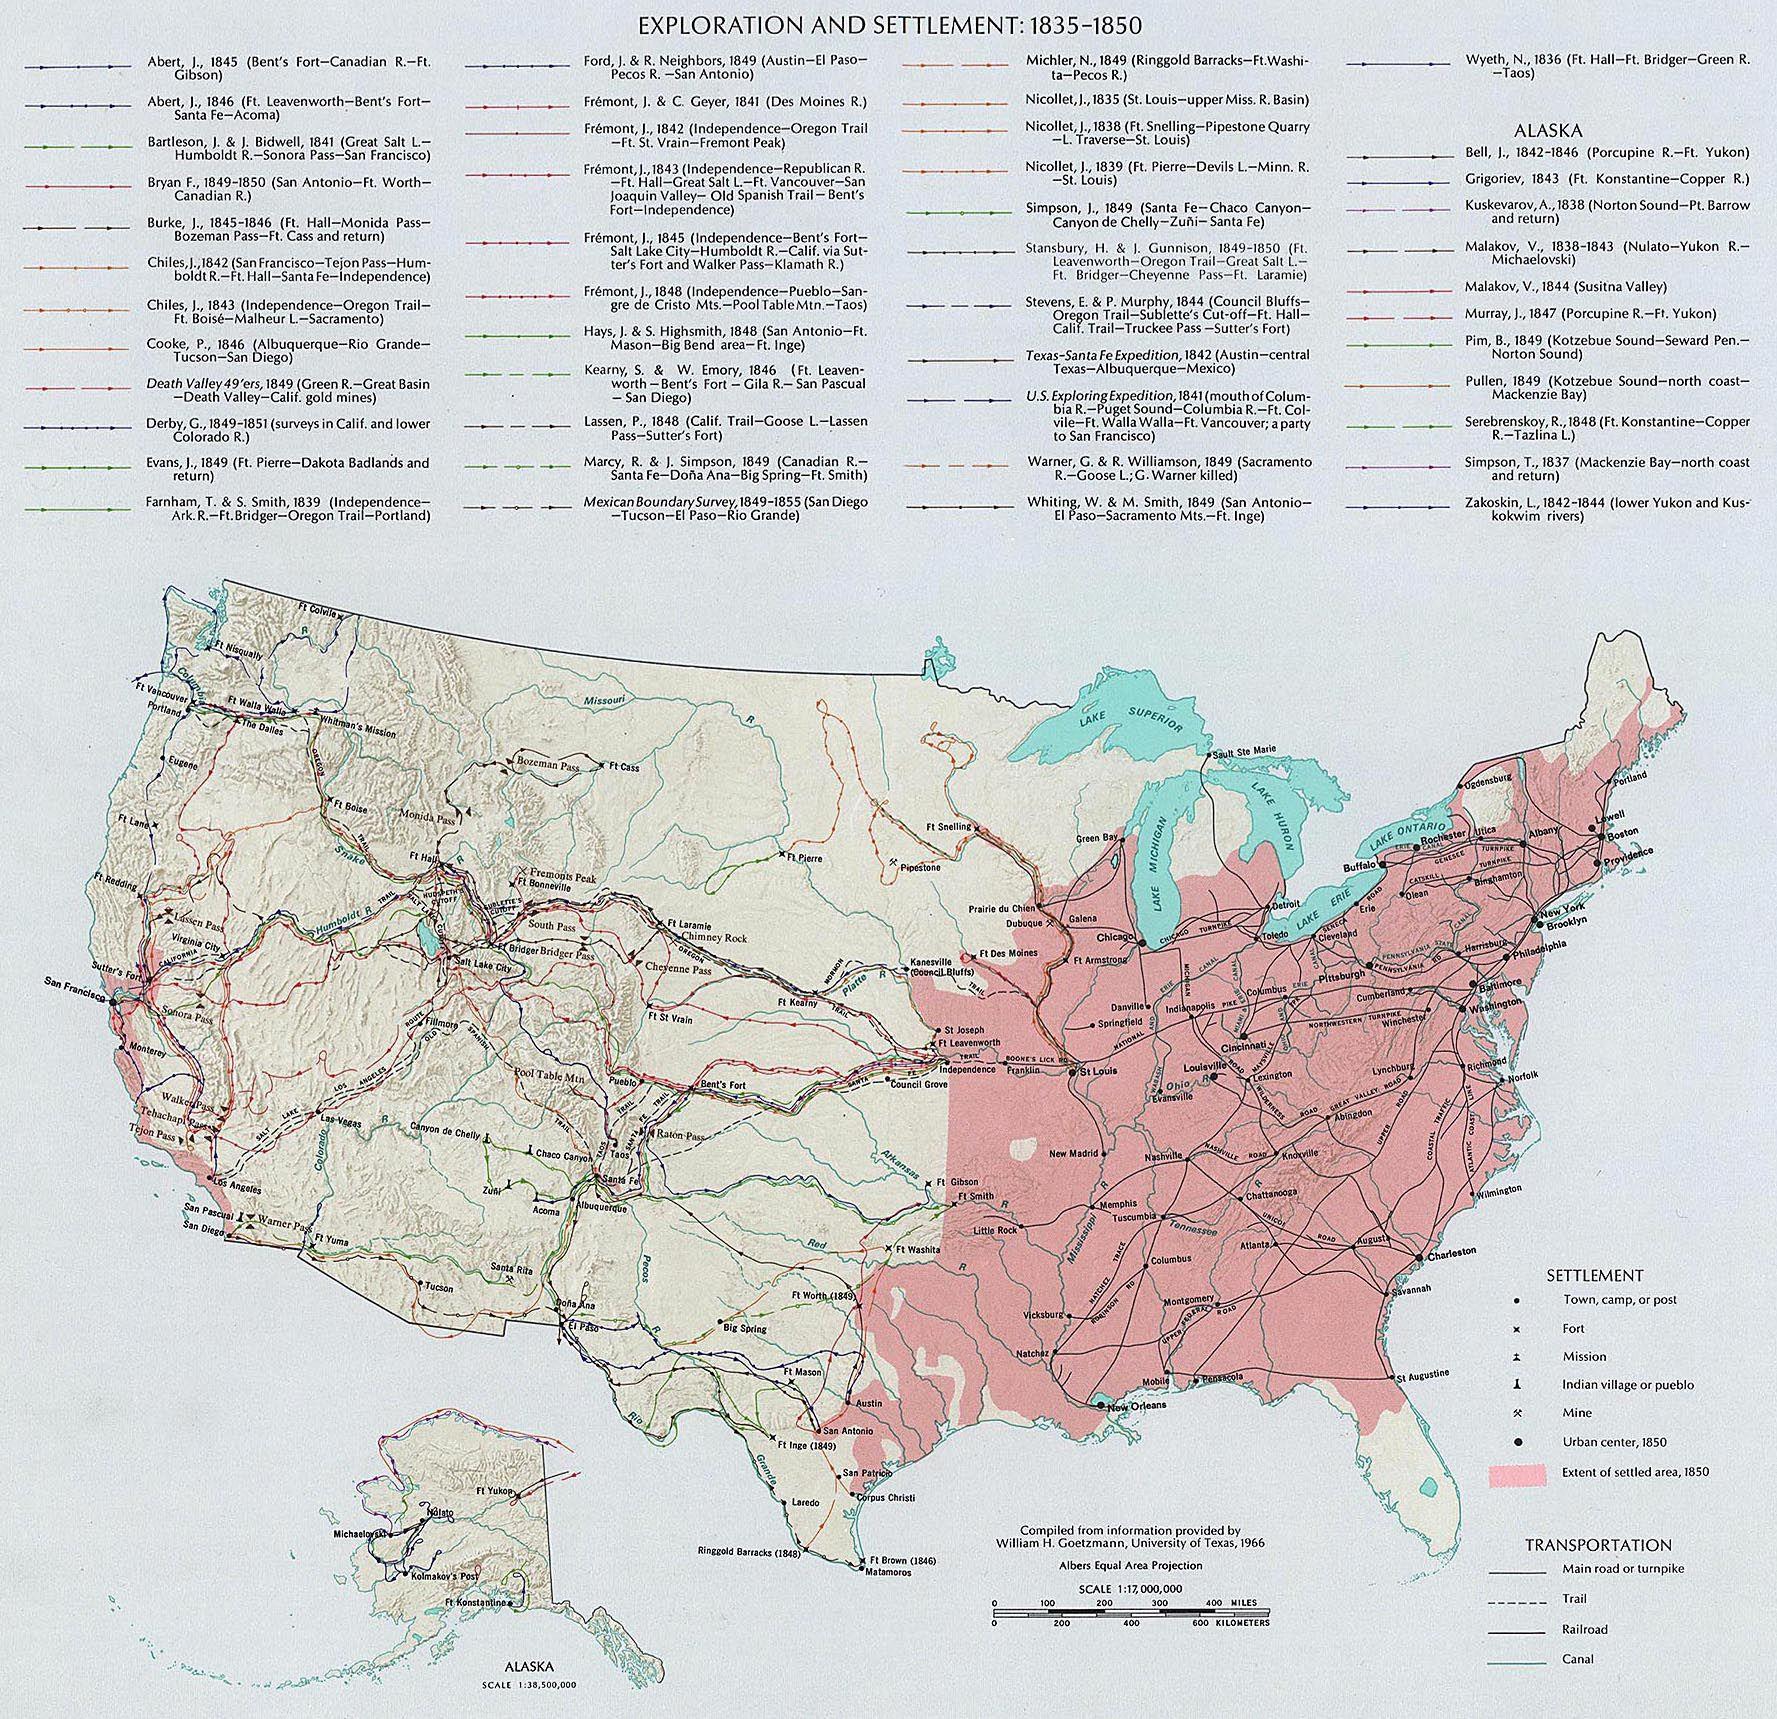 1830s1850s US Exploration 18201860 Antebellum America Maps